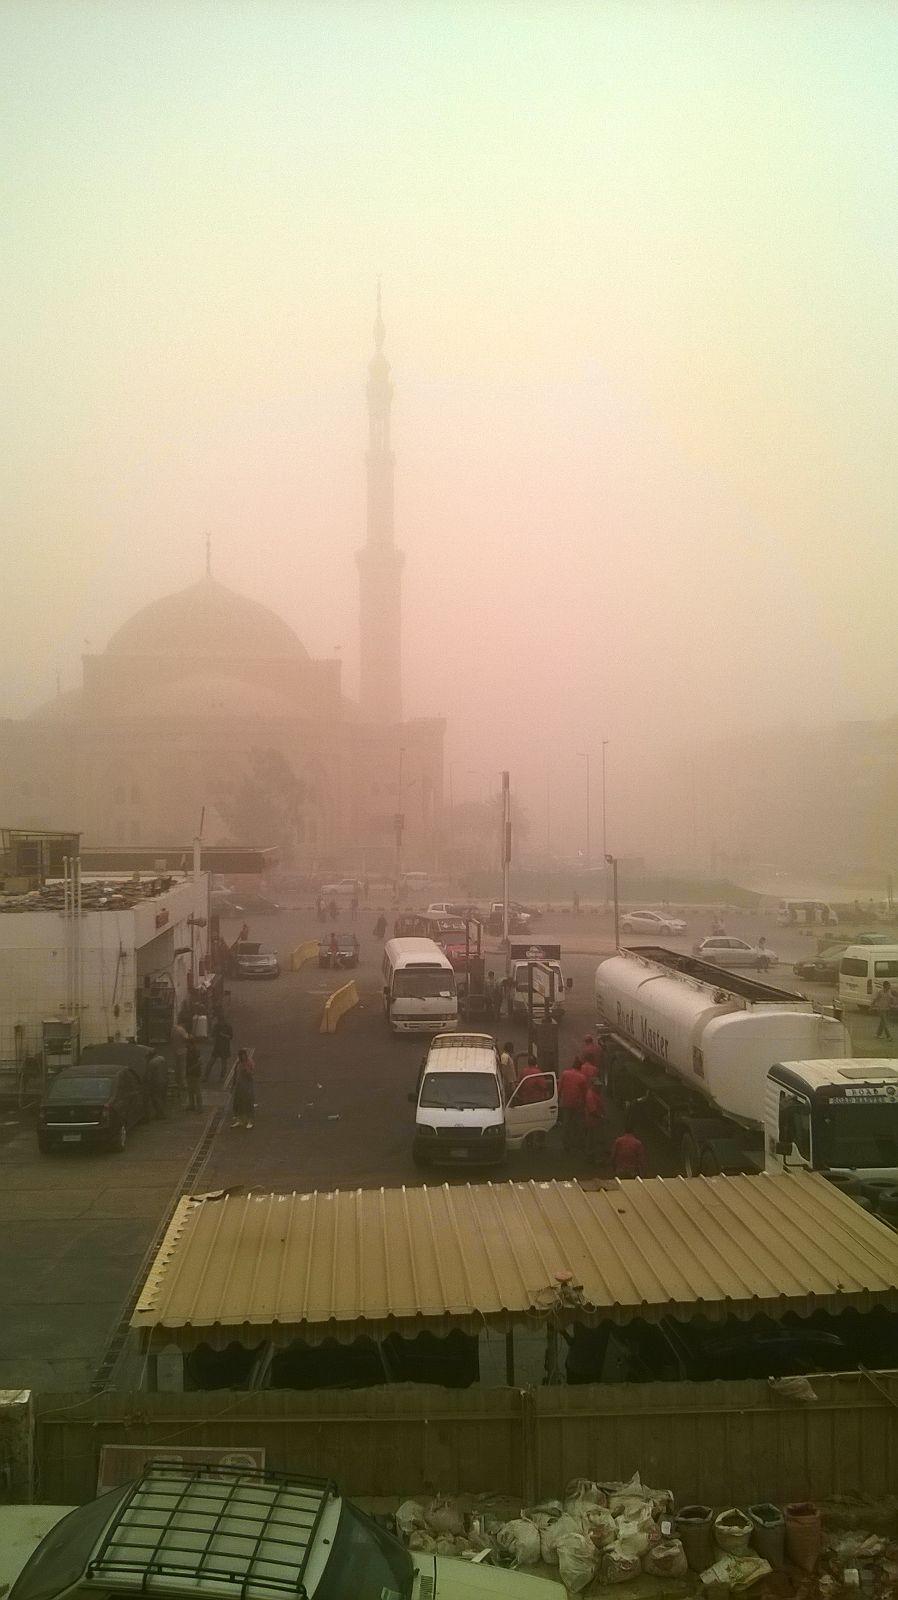 بالصور.. عاصفة ترابية تجتاح مدينة 6 أكتوبر 📷